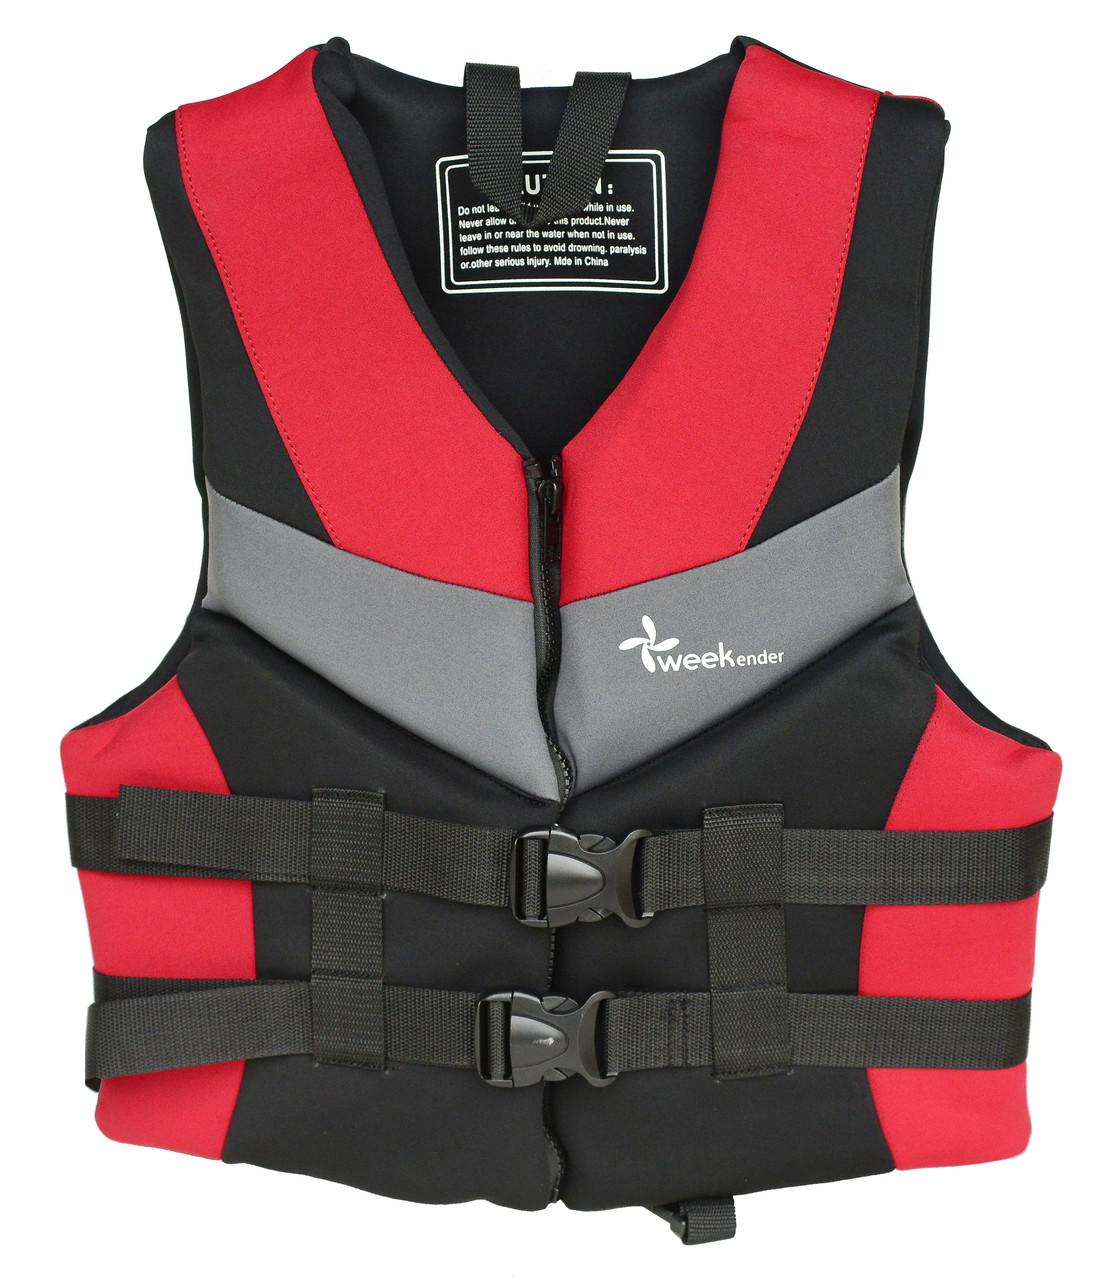 Спасательный жилет водный XXL неопрен YW1102 для лодки, катера, яхты